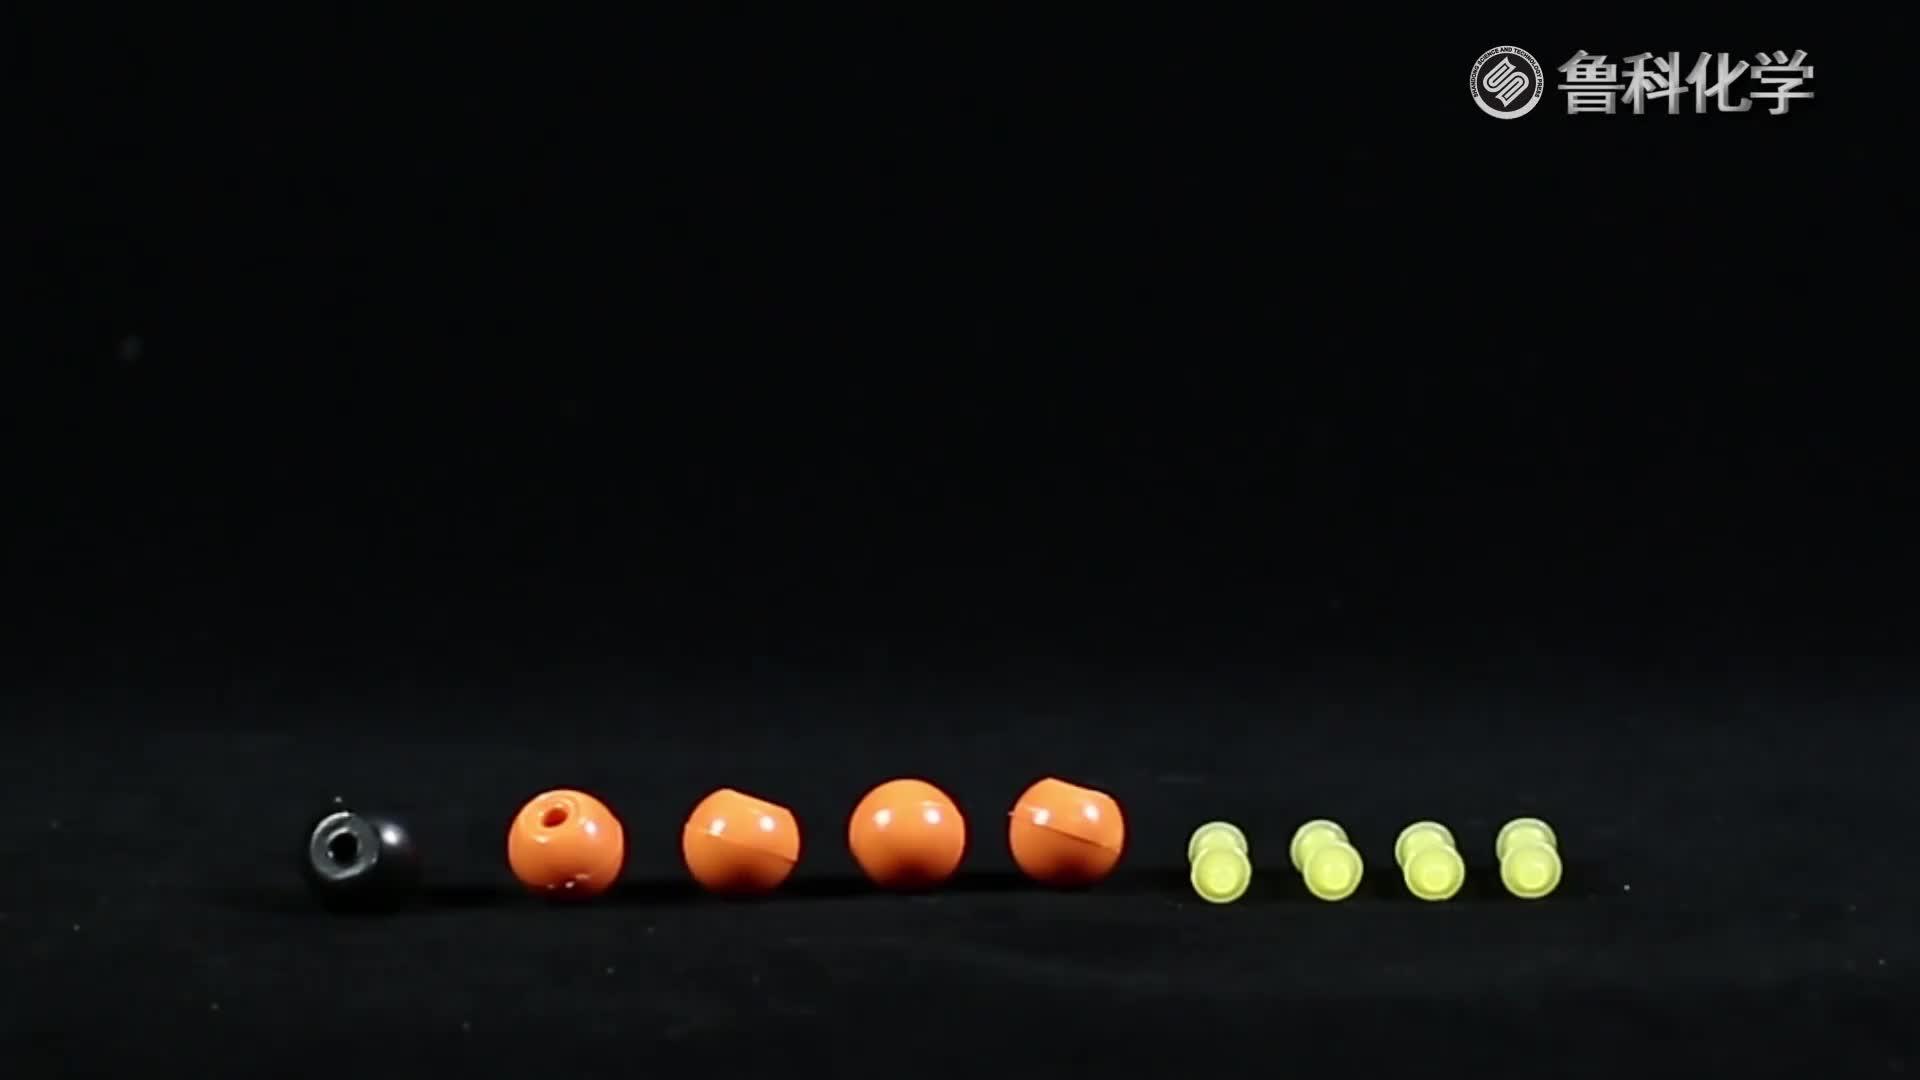 《实验操作》高中化学 必修二(鲁科版) 搭建有机化合物球棍模型MP4